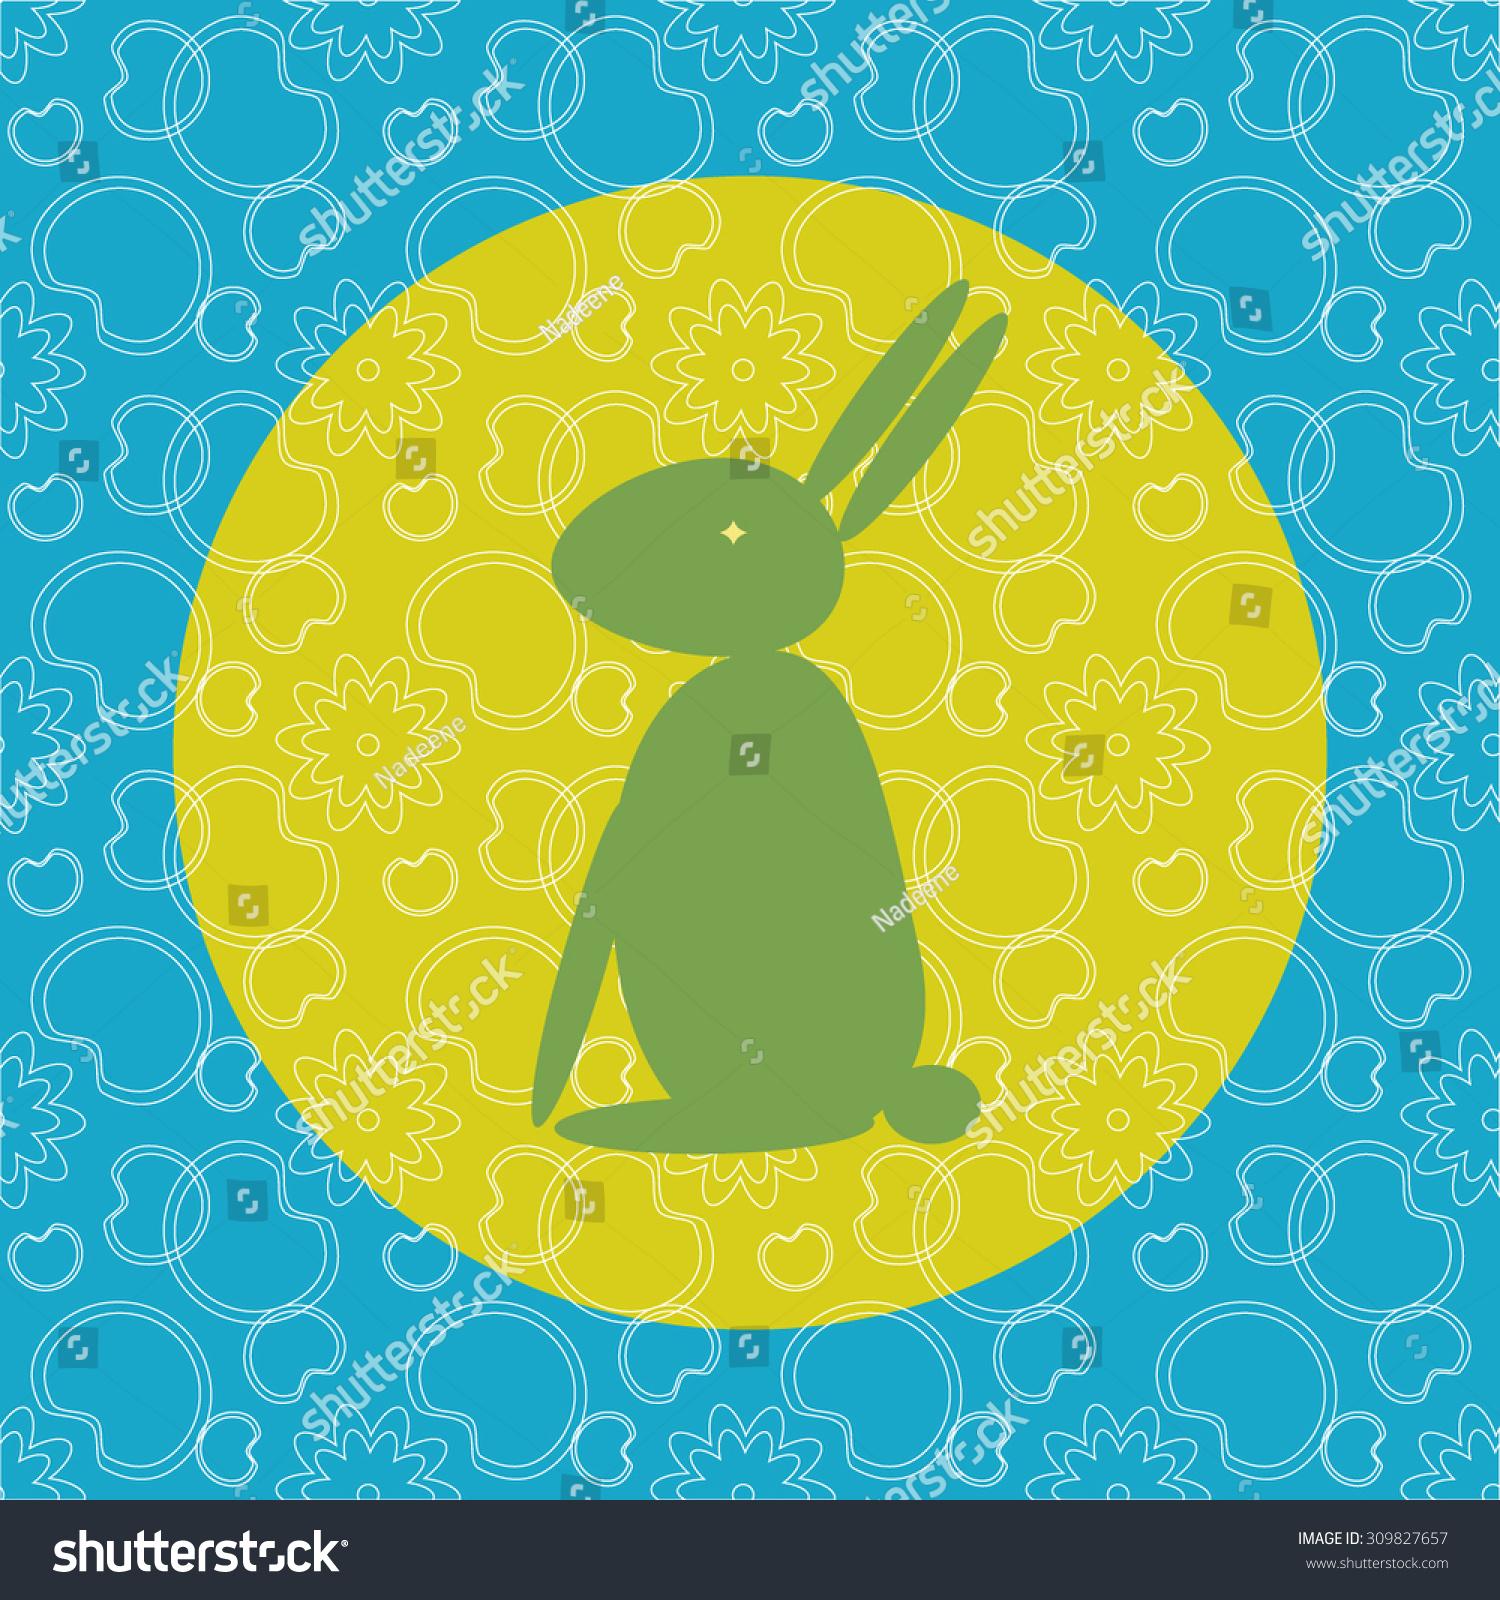 中国的中秋节明信片的设计.月亮兔子从亚洲神话.兔子图片